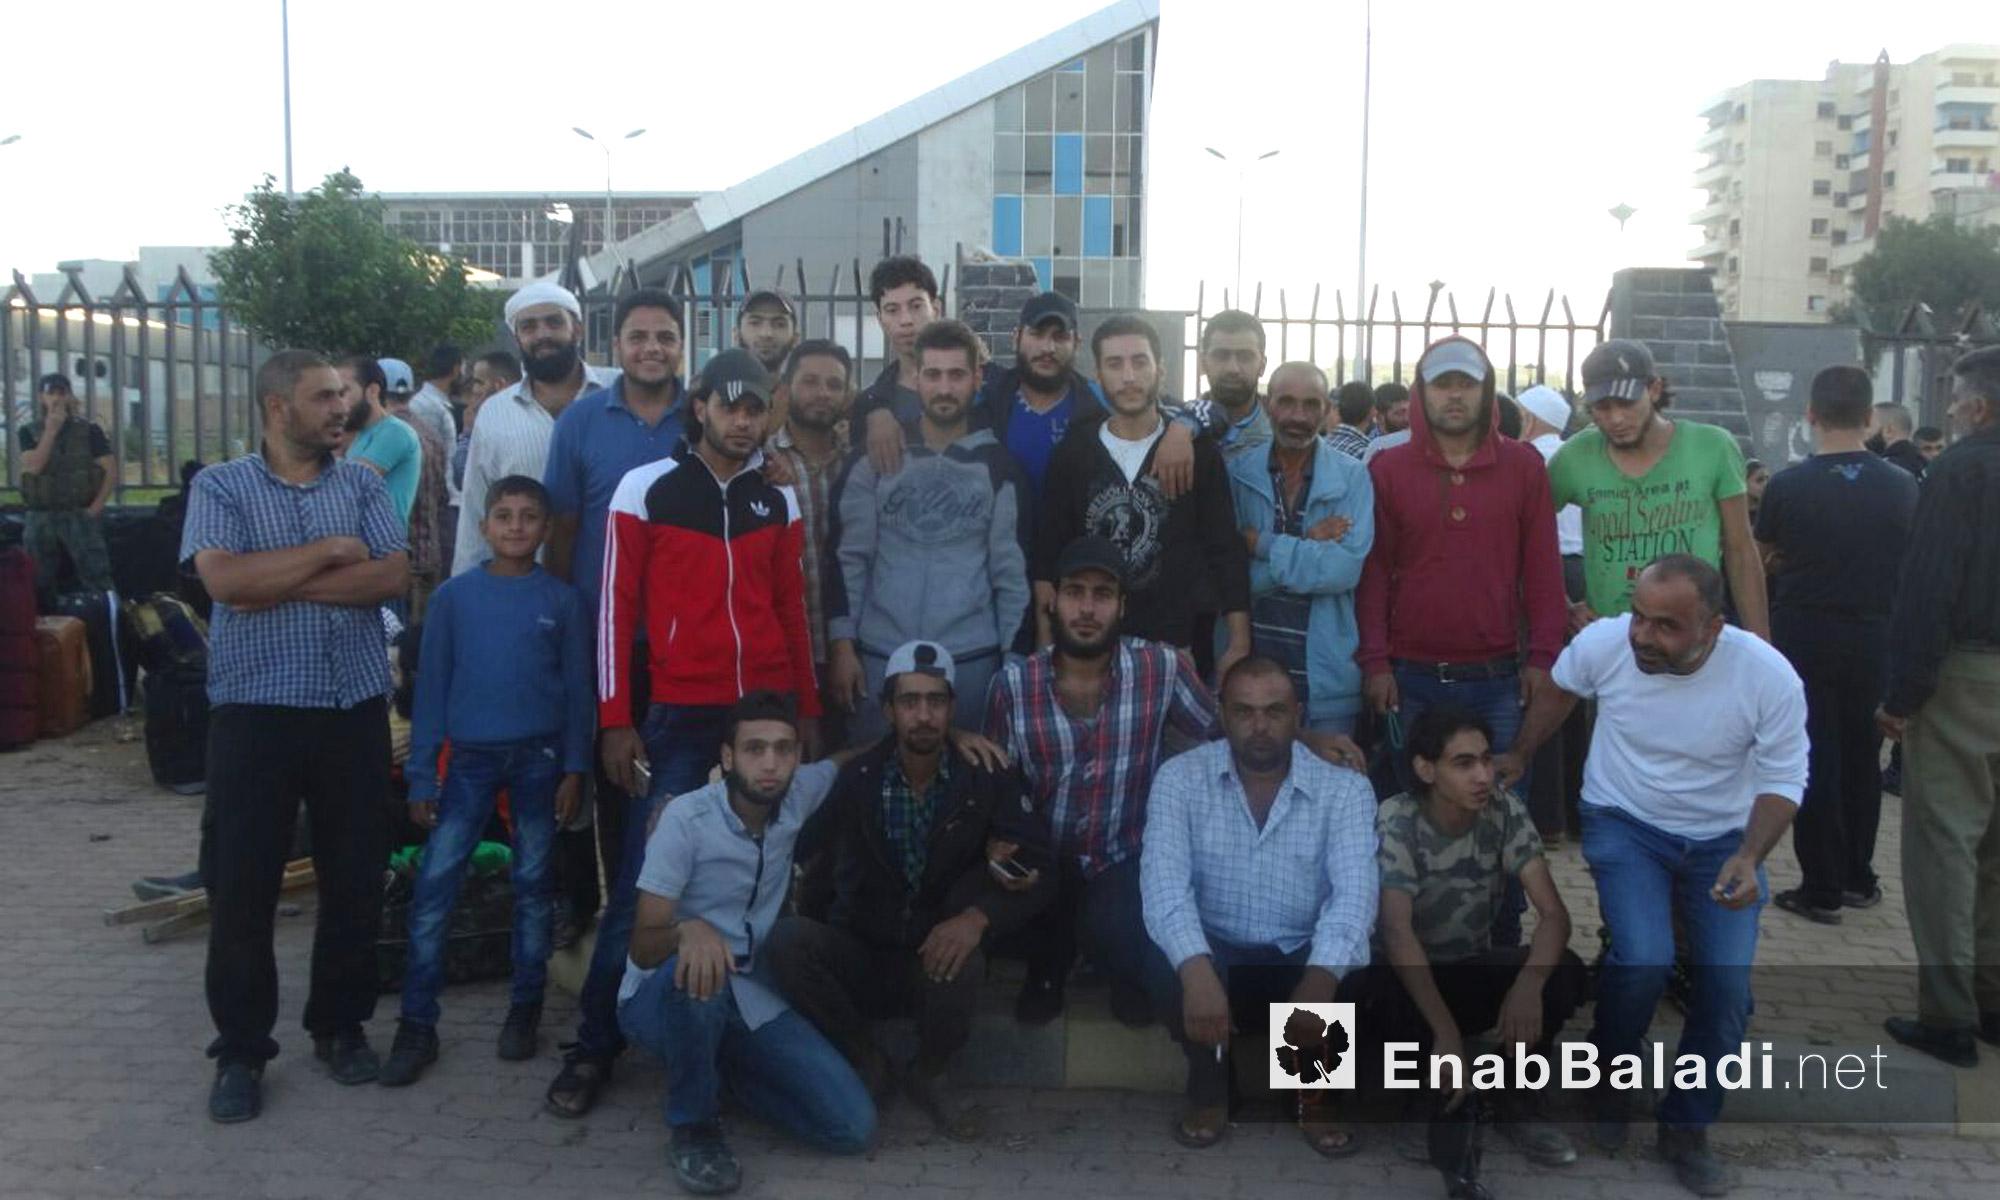 أهالي حي الوعر ينتظرون خروجهم - الاثنين 19 أيلول (عنب بلدي)